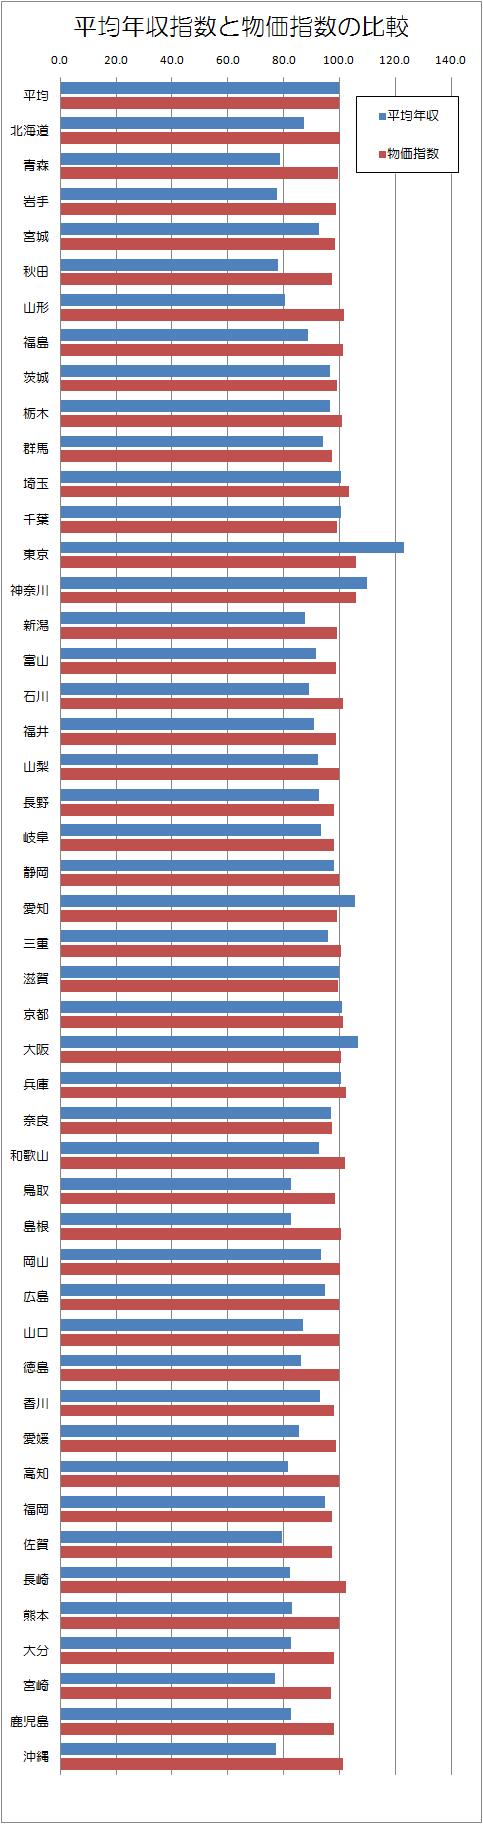 都道府県別平均年収と物価.png